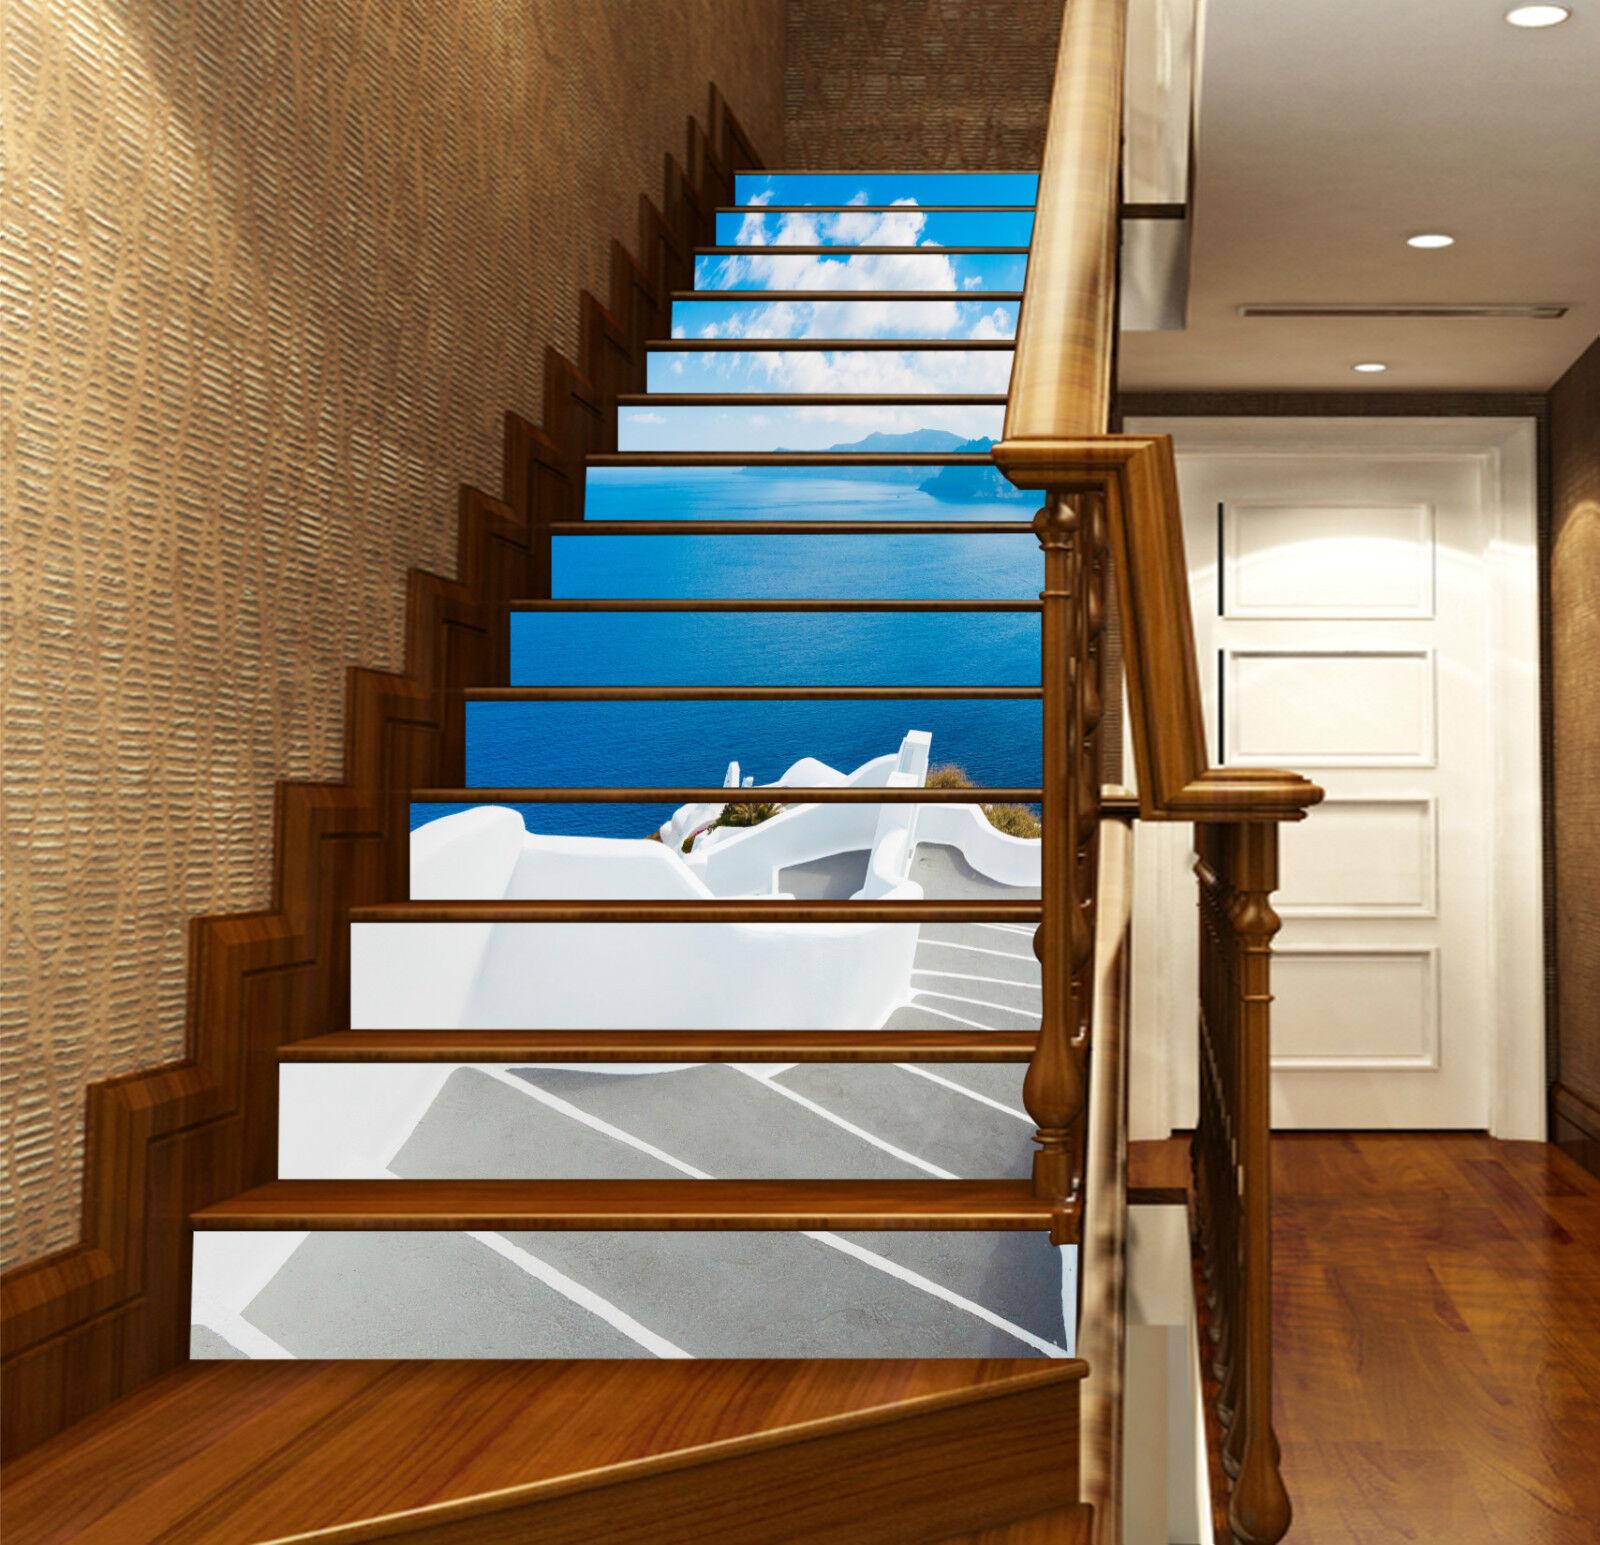 3D Meer Treppe 226 Stair Risers Dekoration Fototapete Vinyl Aufkleber Tapete DE